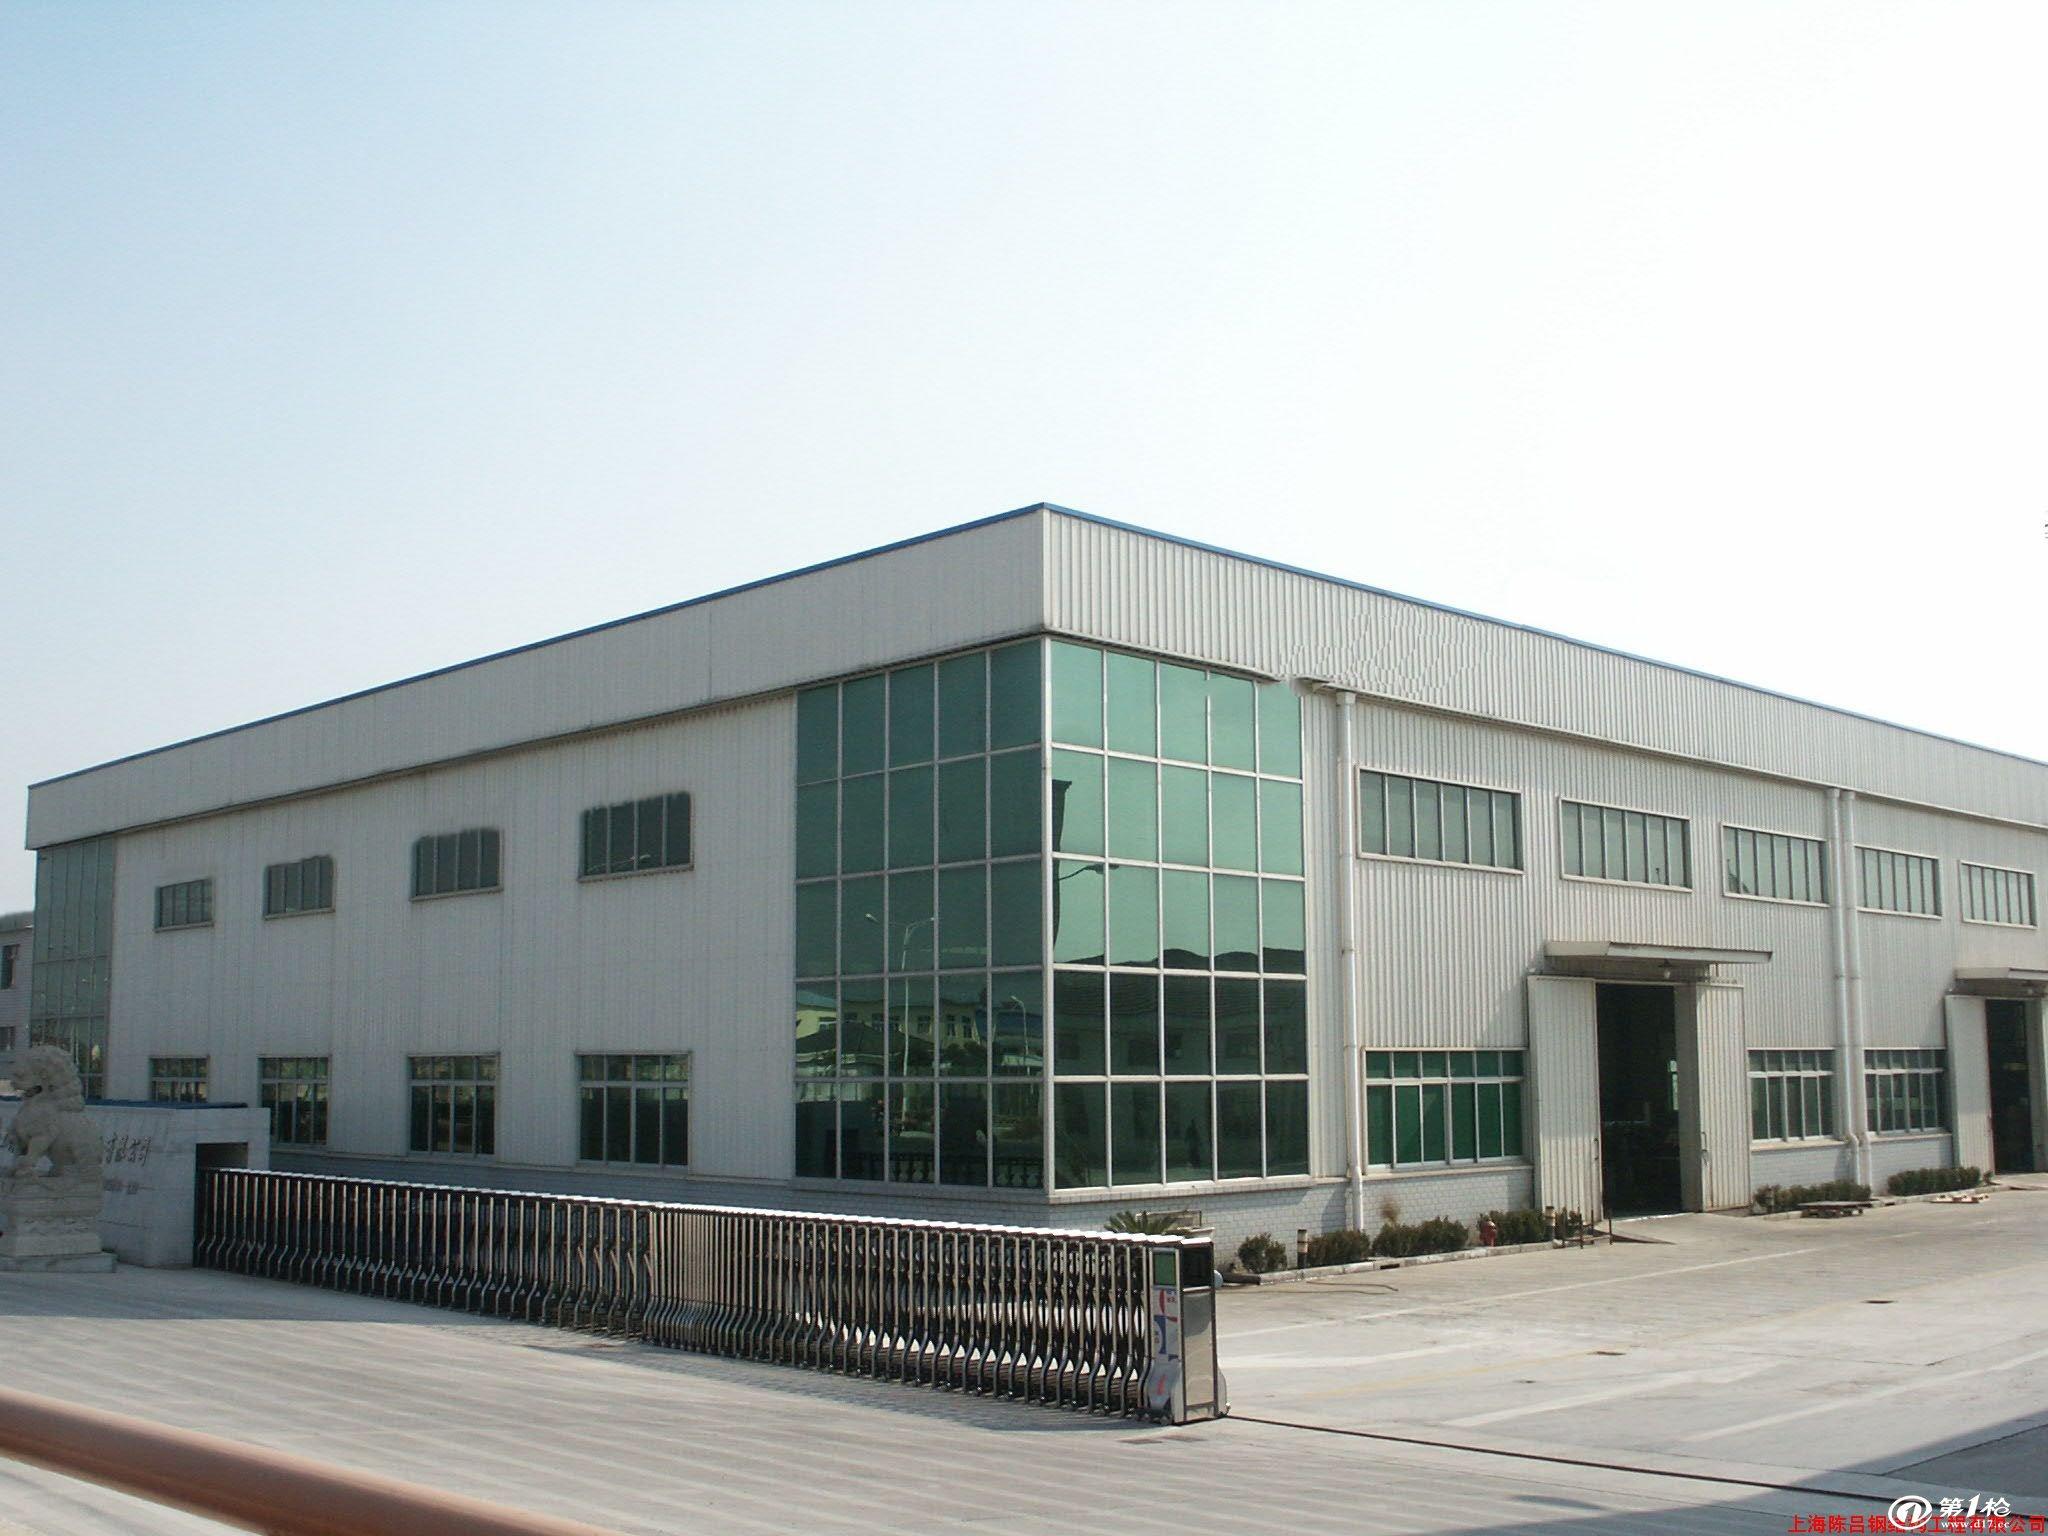 煤场防尘网 楼房加层 钢结构阁楼 阳台封闭,陶瓷生产车间屋顶工程